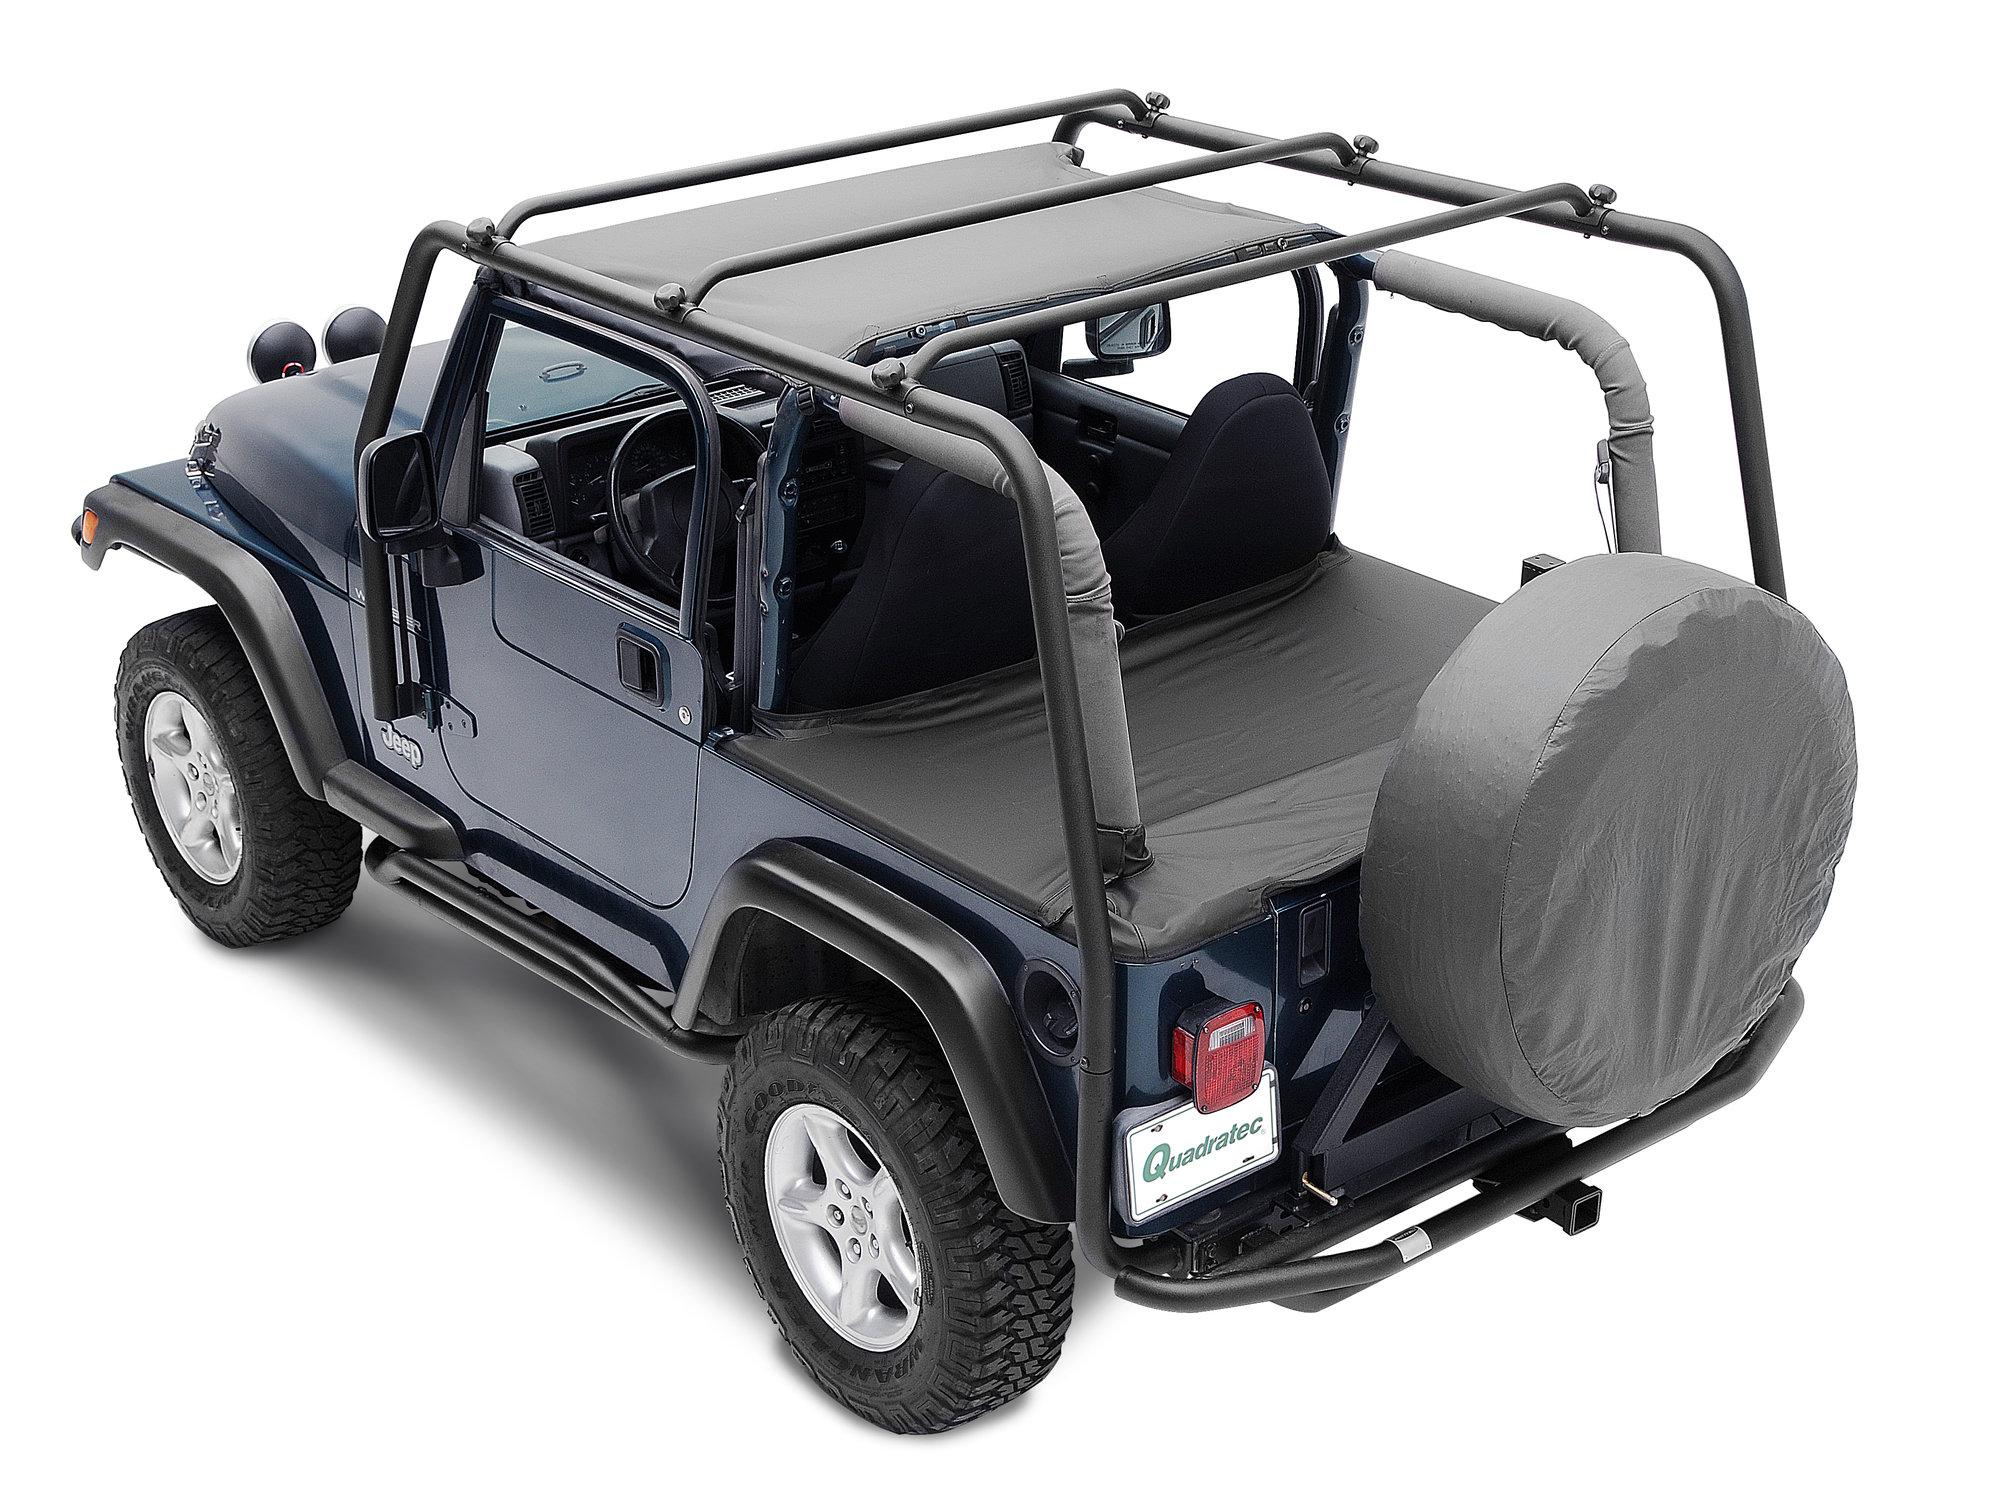 smittybilt 76713 smi src roof rack in textured black for 97 06 jeep wrangler tj